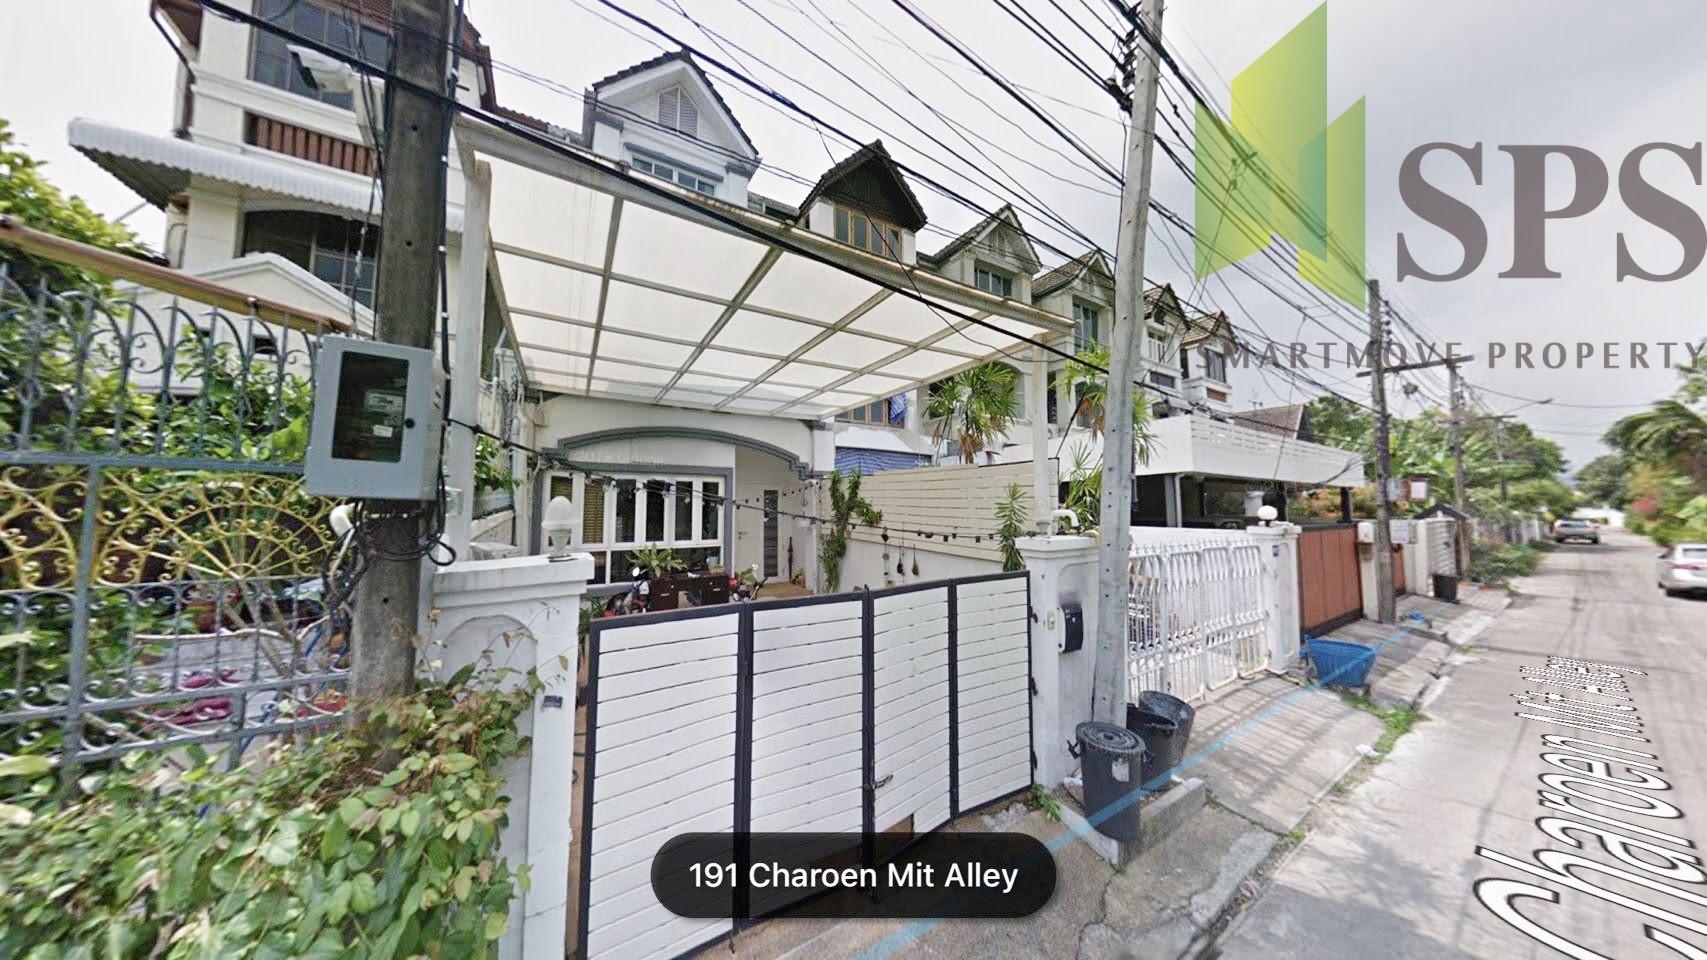 For Rent & Sale Townhouse Ekamai ขาย/เช่า ทาวน์เฮ้าส์ เอกมัย (SPS-GH711)